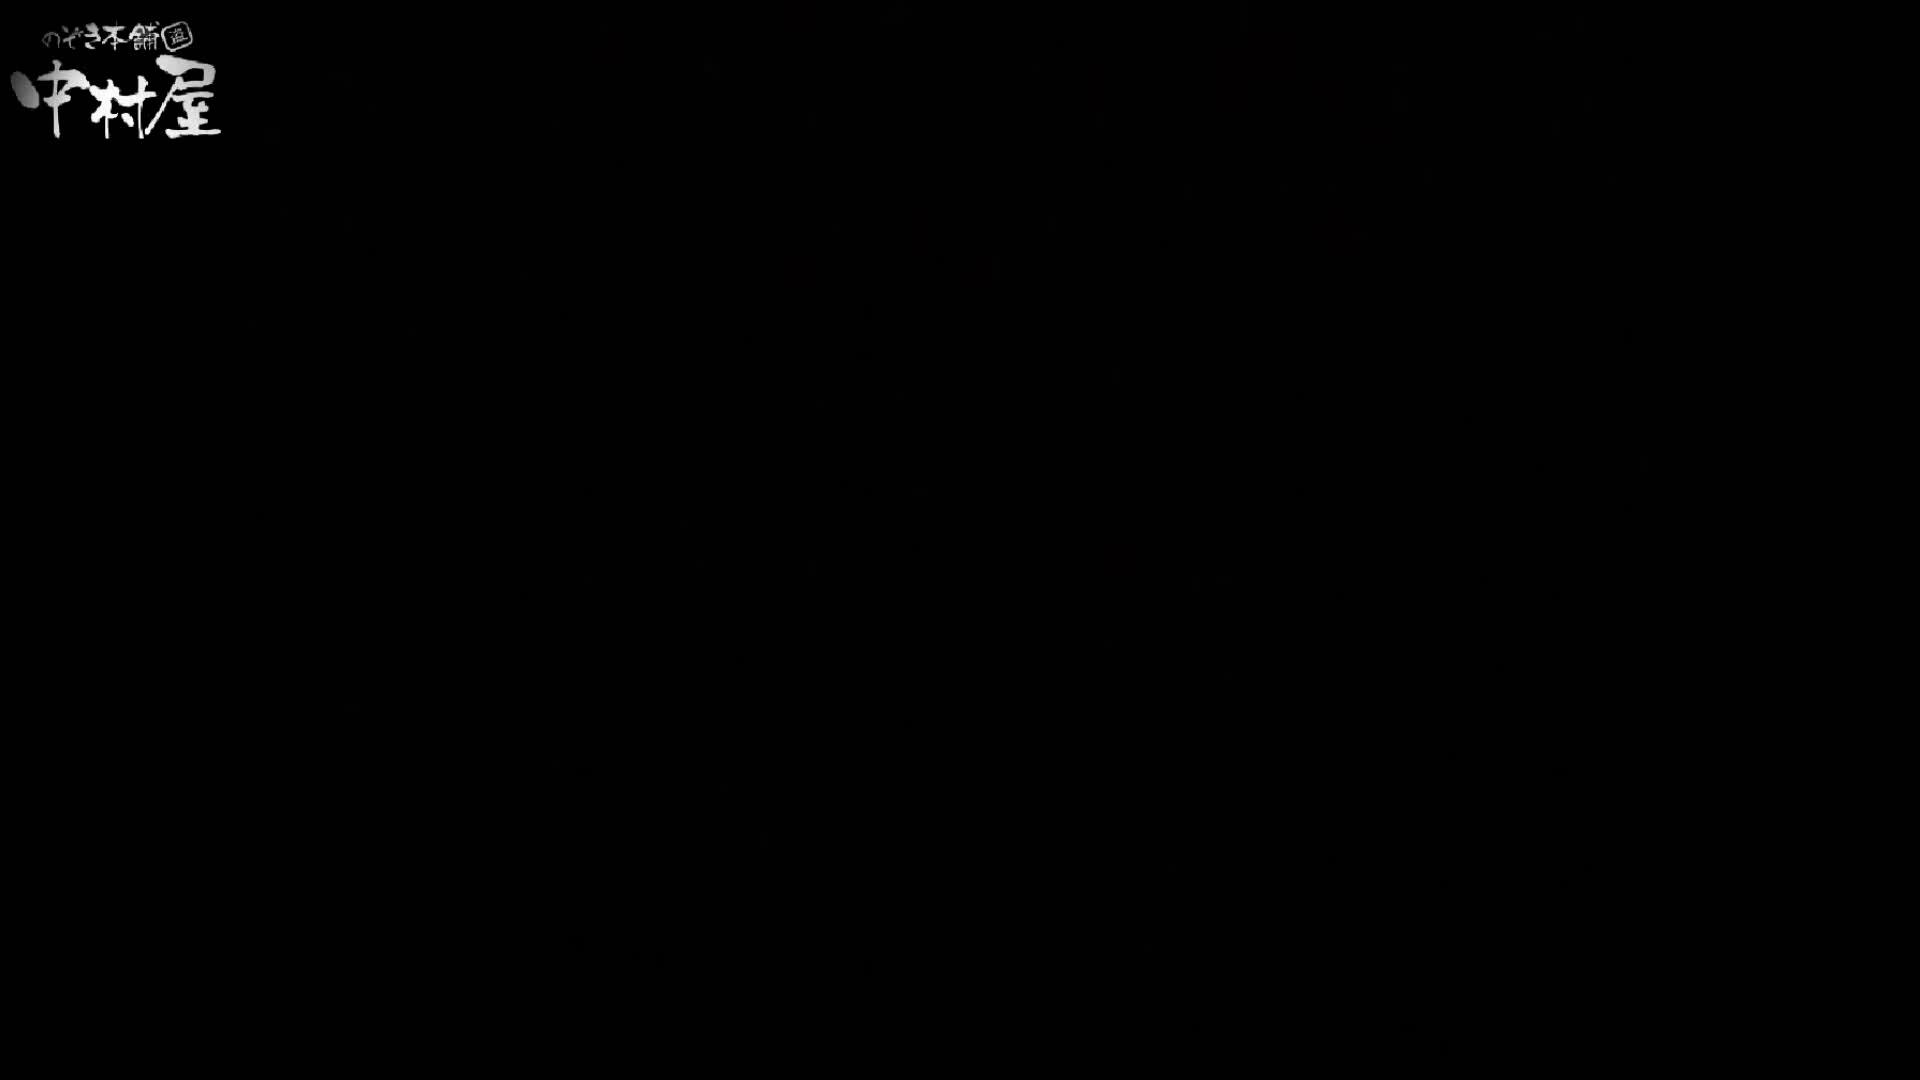 民家風呂専門盗撮師の超危険映像 vol.010 美少女のエロ生活 | 民家  90連発 13